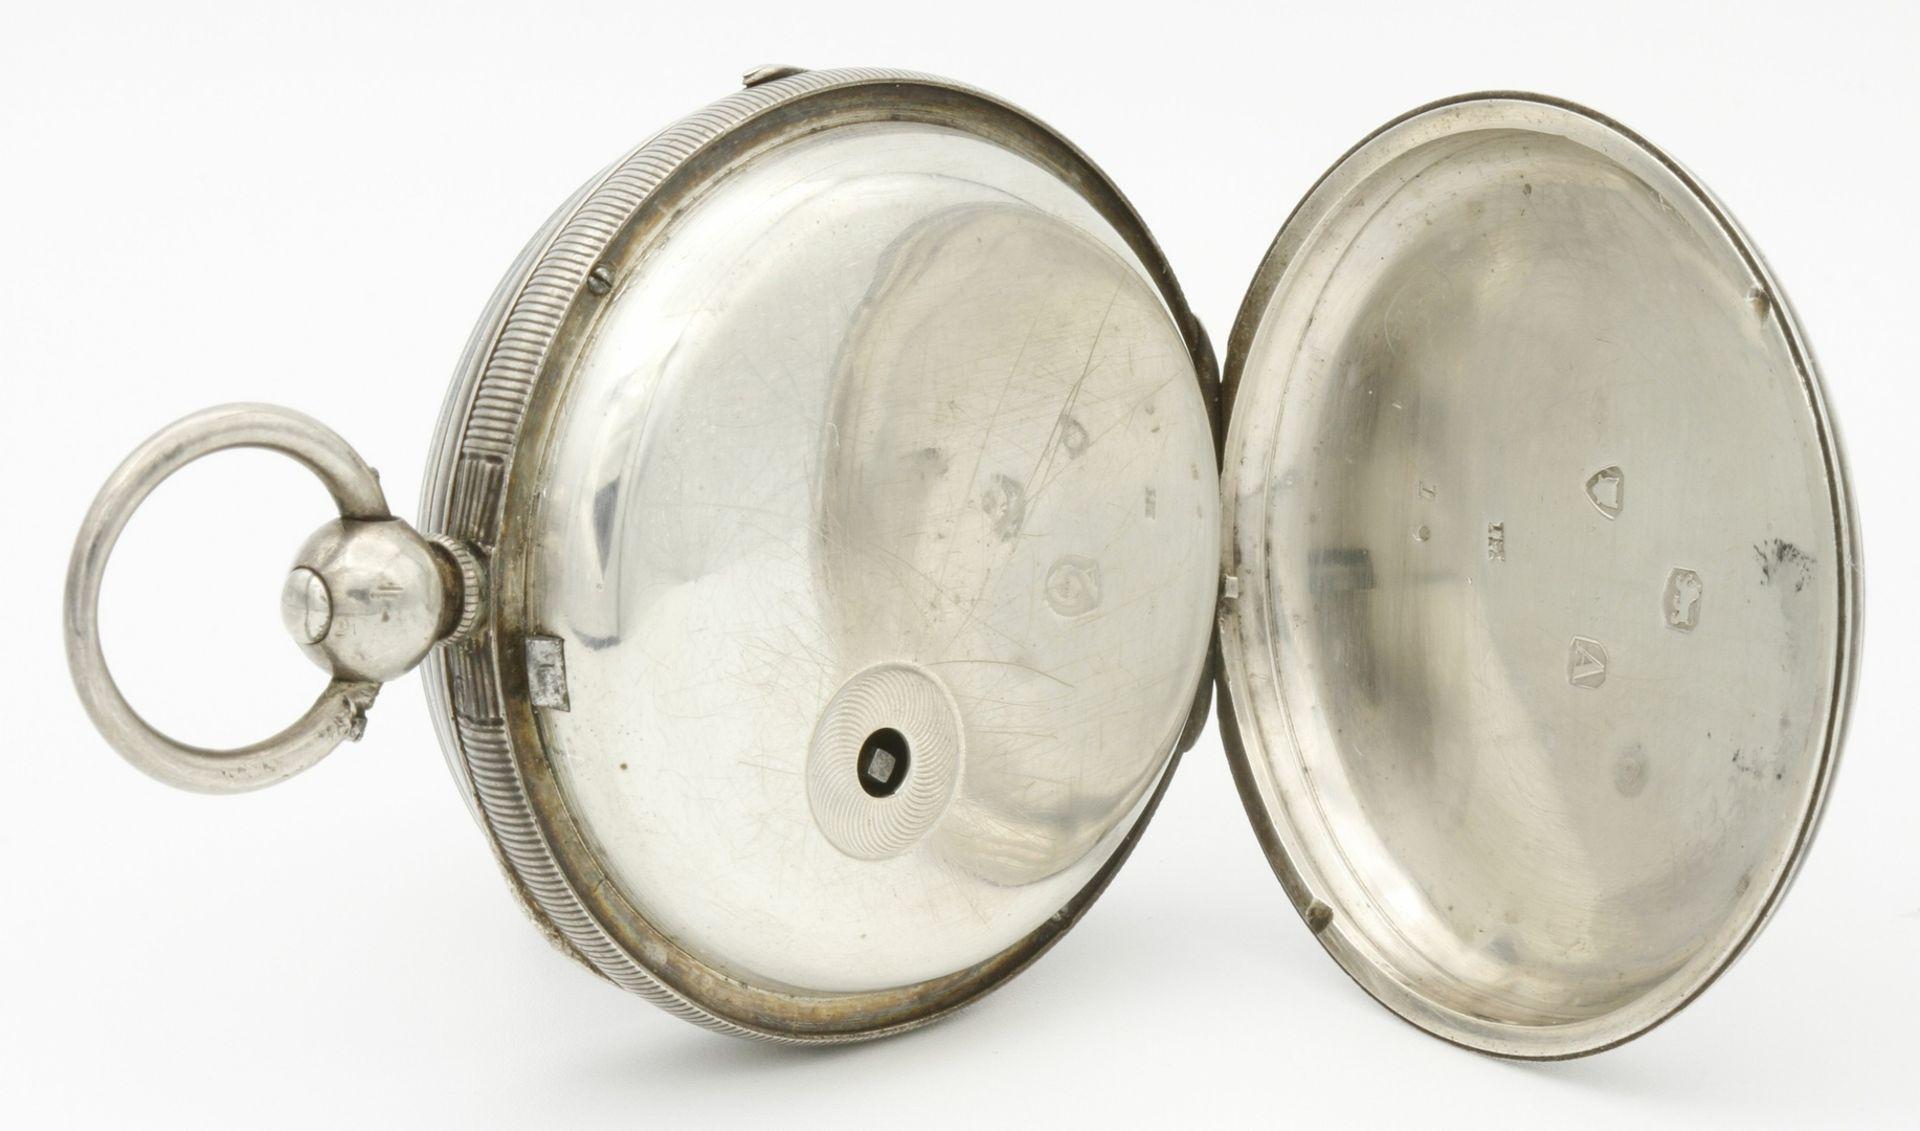 Aufwendig verzierte englische Silbertaschenuhr, um 1870 - Bild 4 aus 7